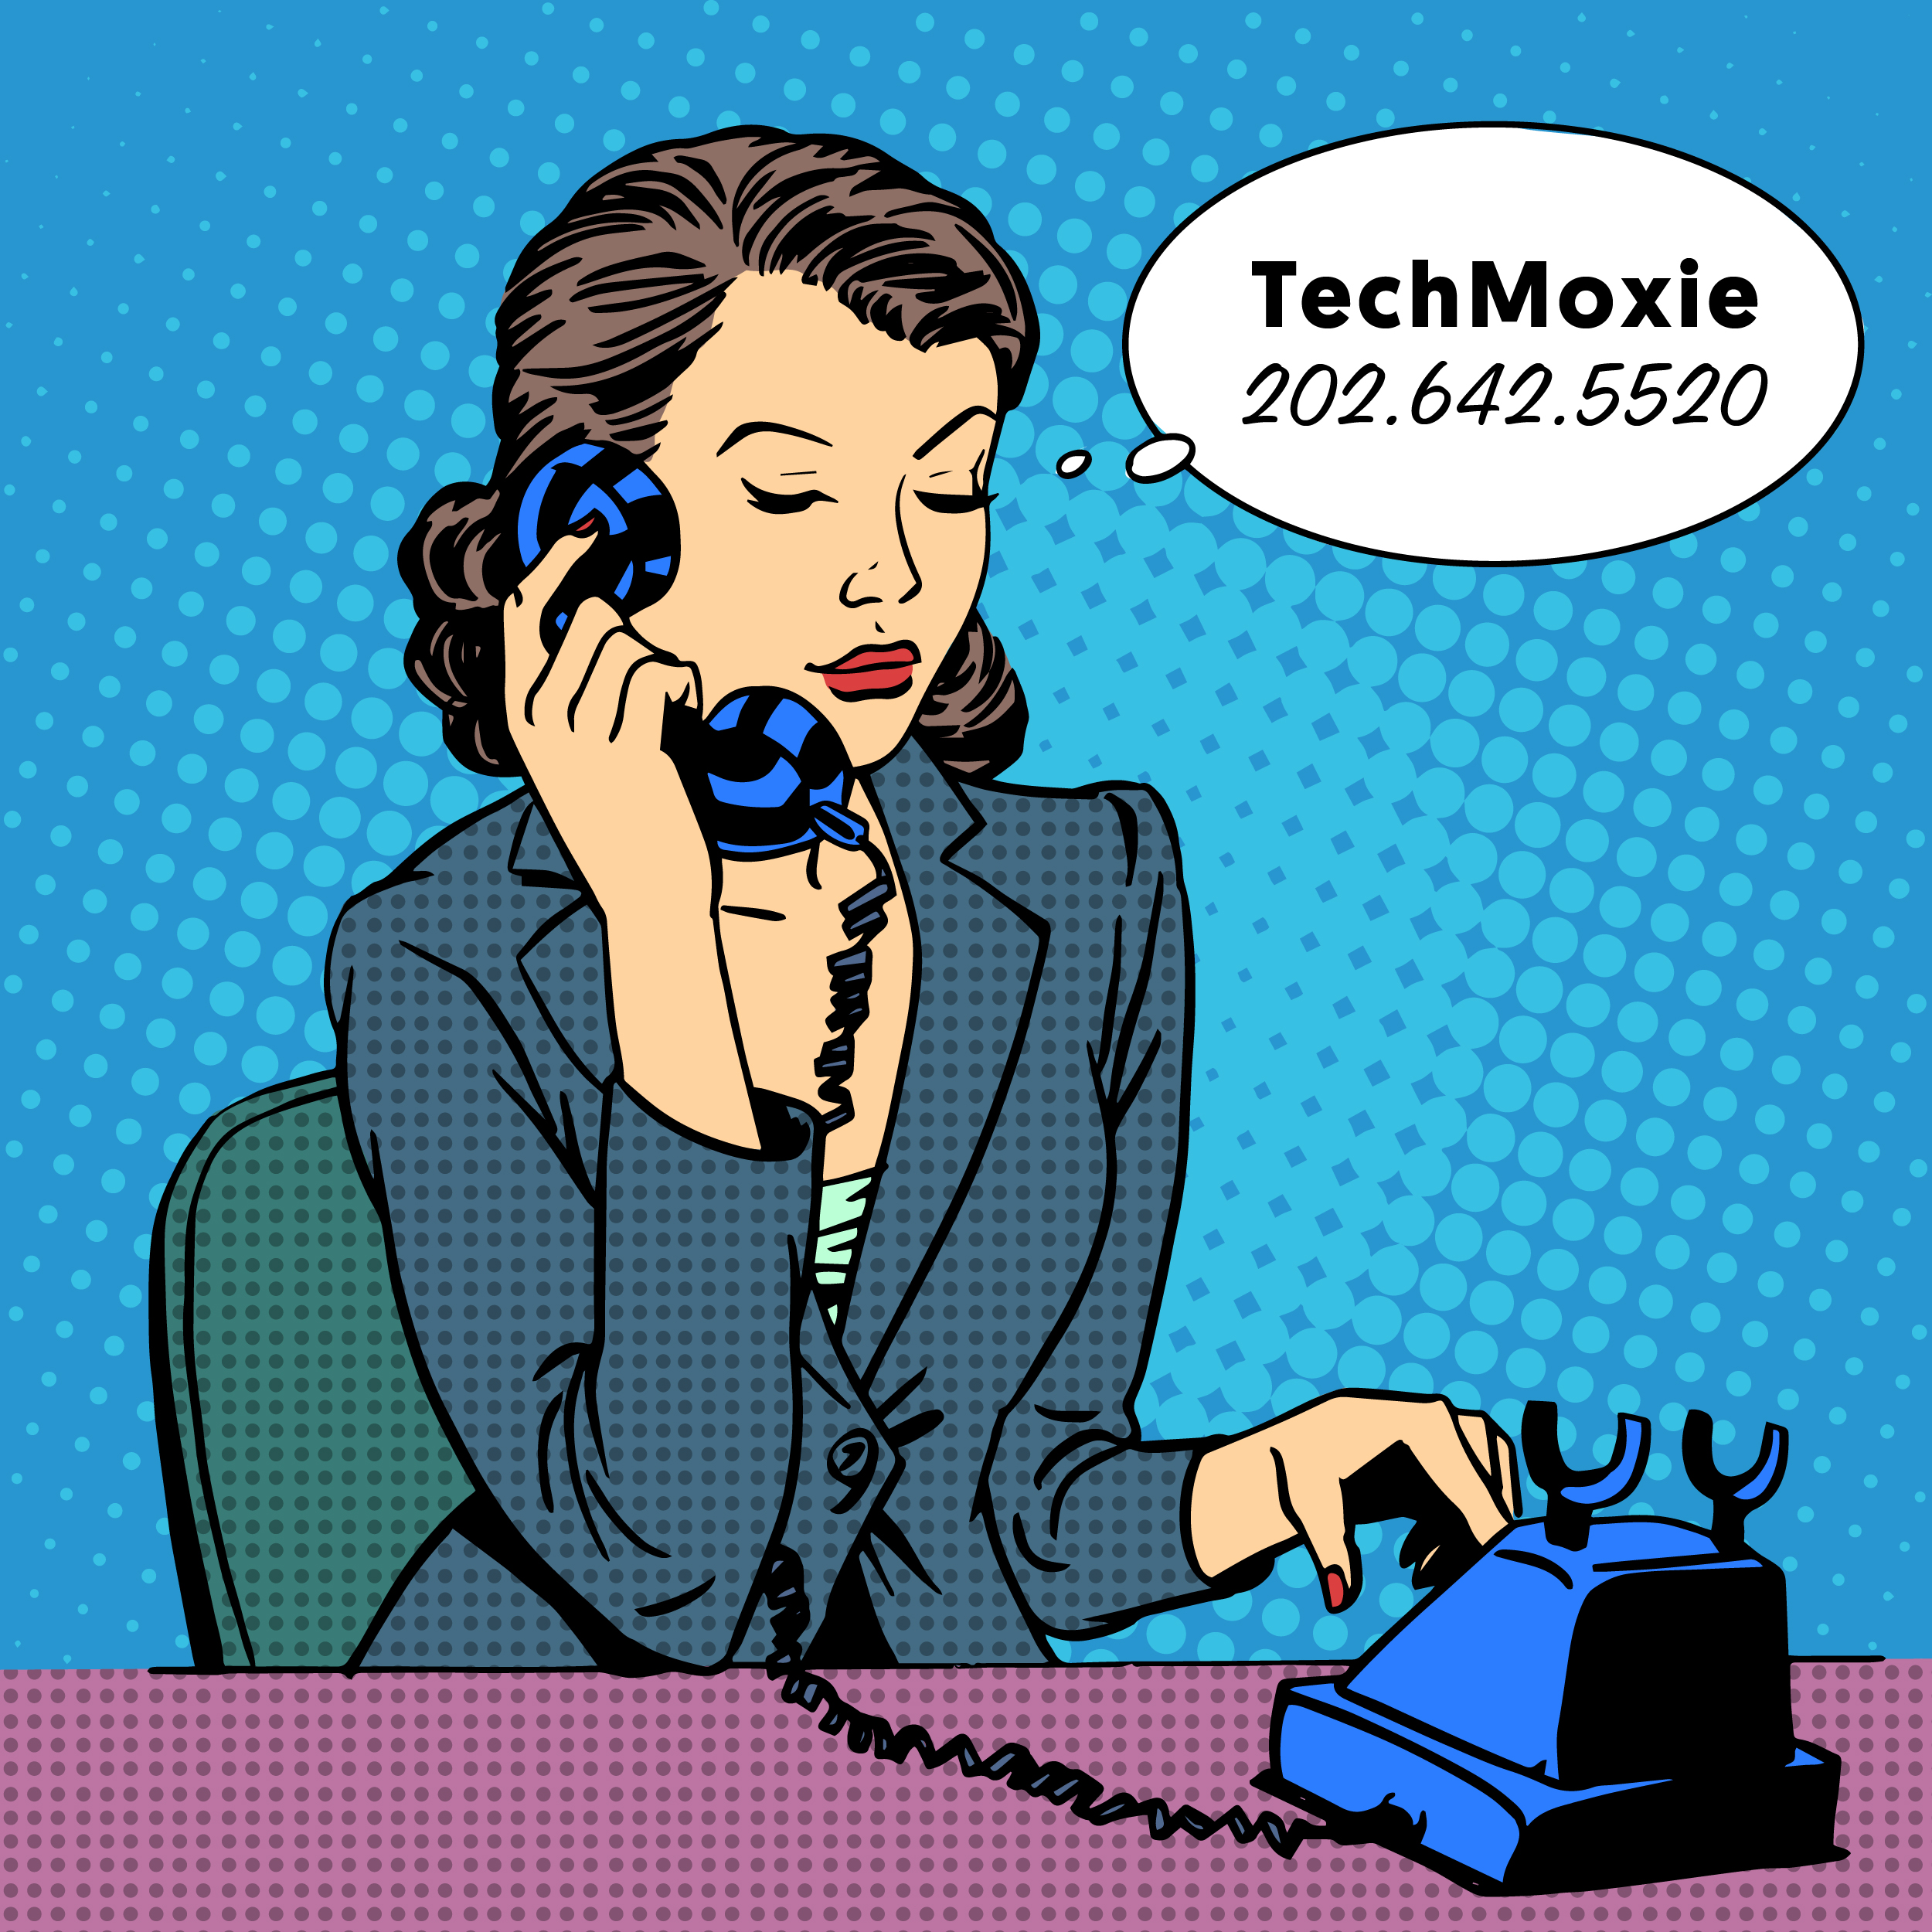 Woman an phone calling TechMoxie 202.642.5520